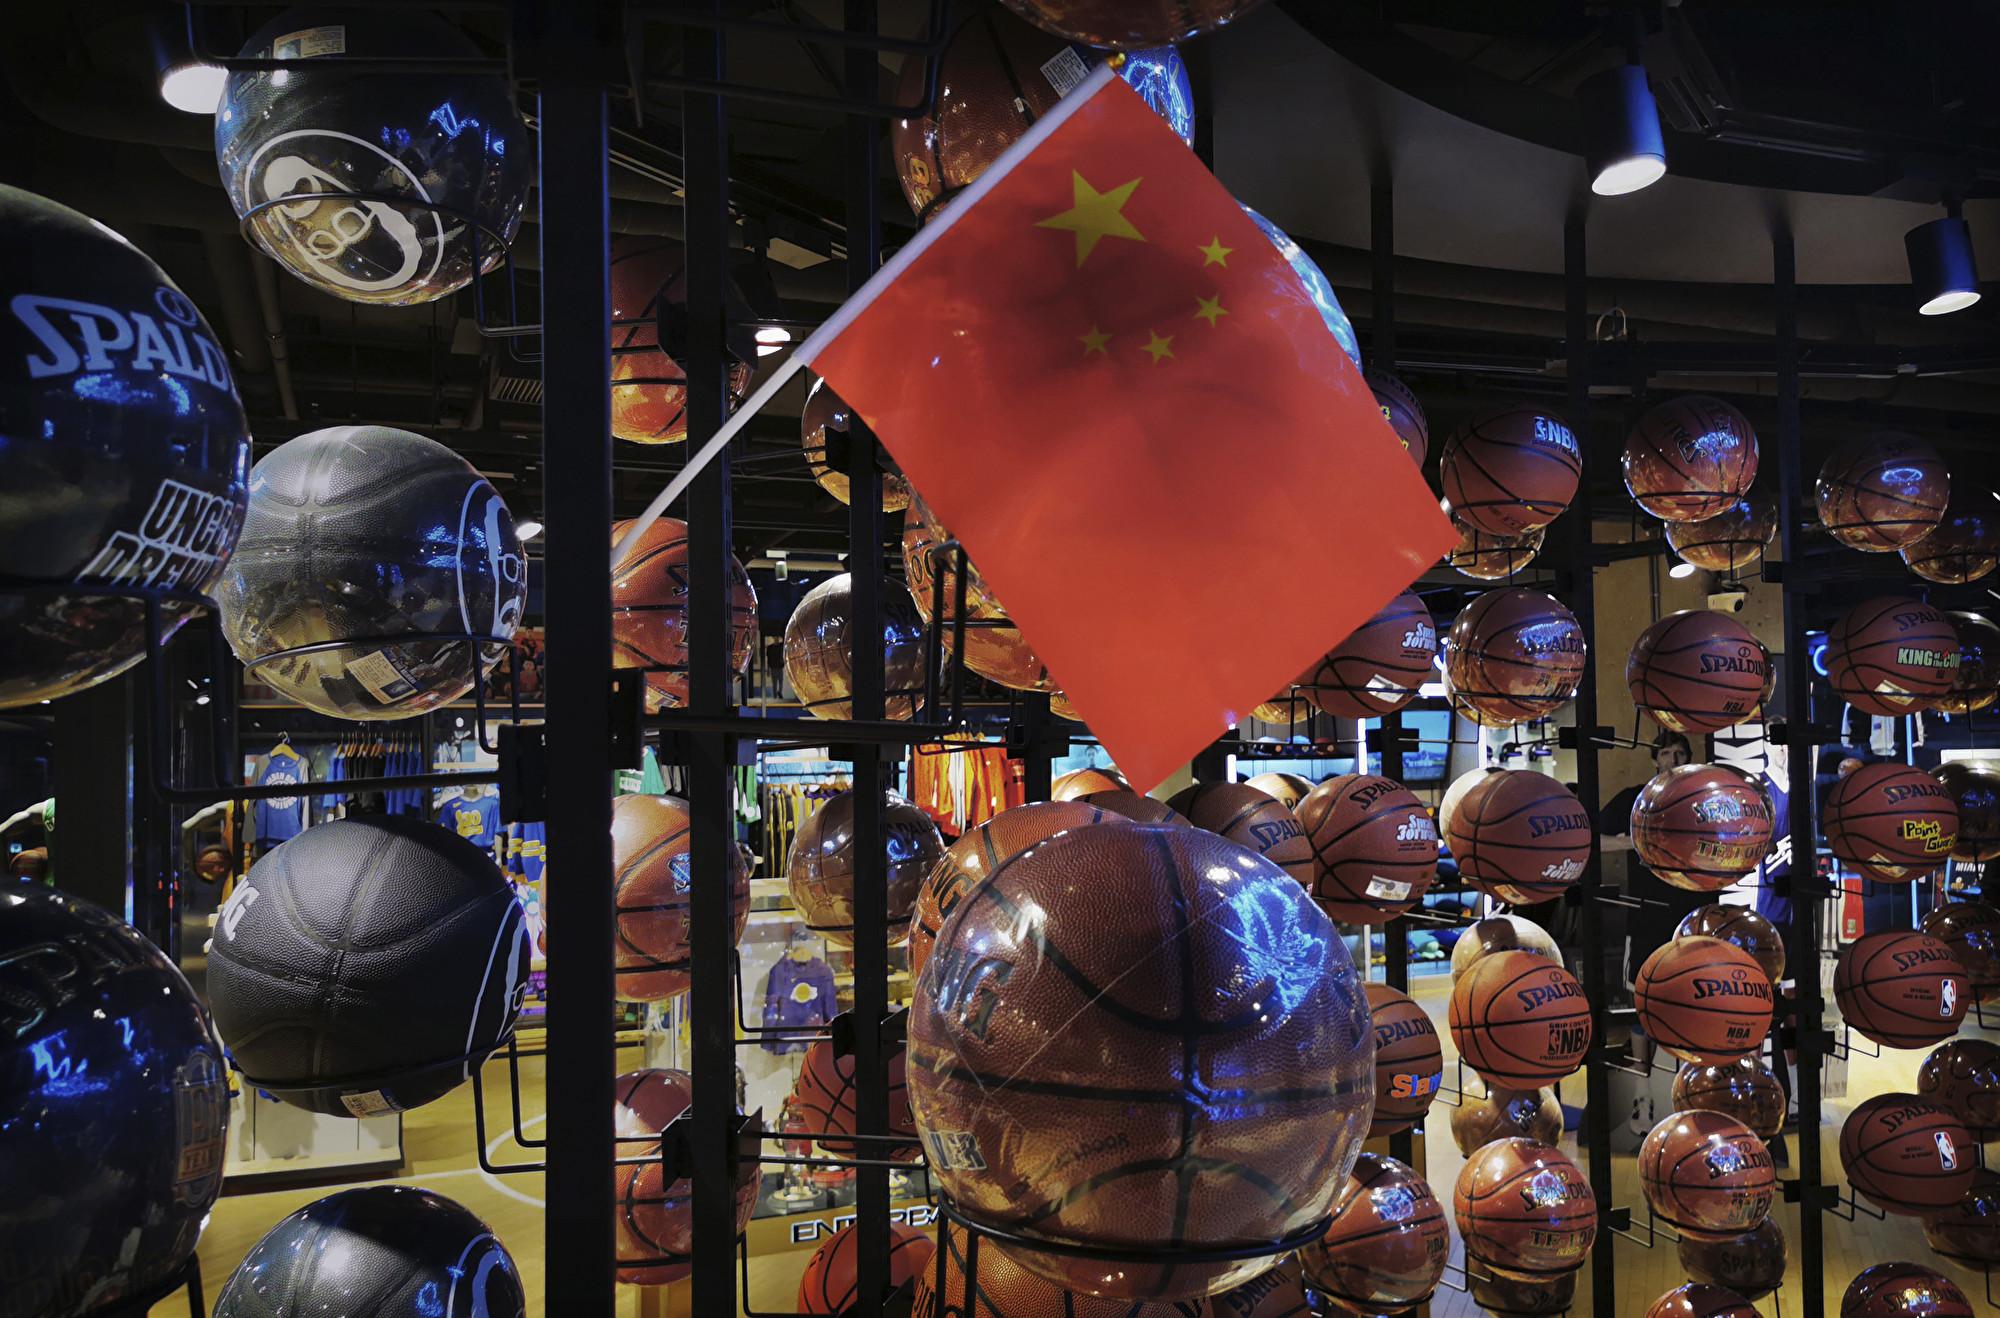 美國禁微信 或影響NBA與騰訊15億美元協議